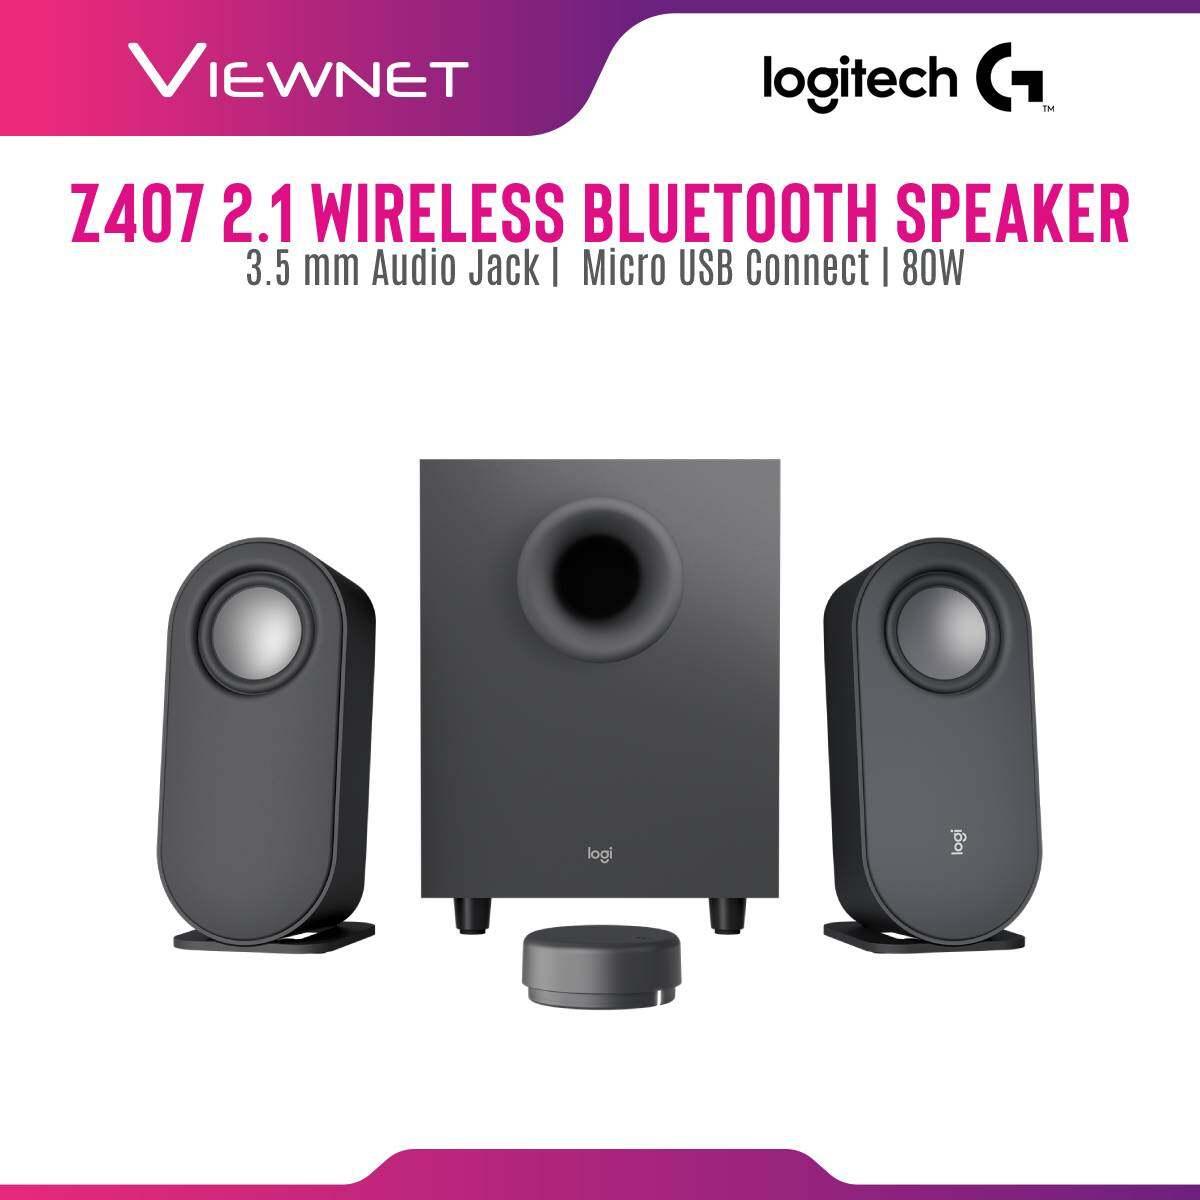 Logitech Z407 2.1 Wireless Bluetooth Speaker with 3.5 mm Audio Jack, Micro USB Connect, 80W